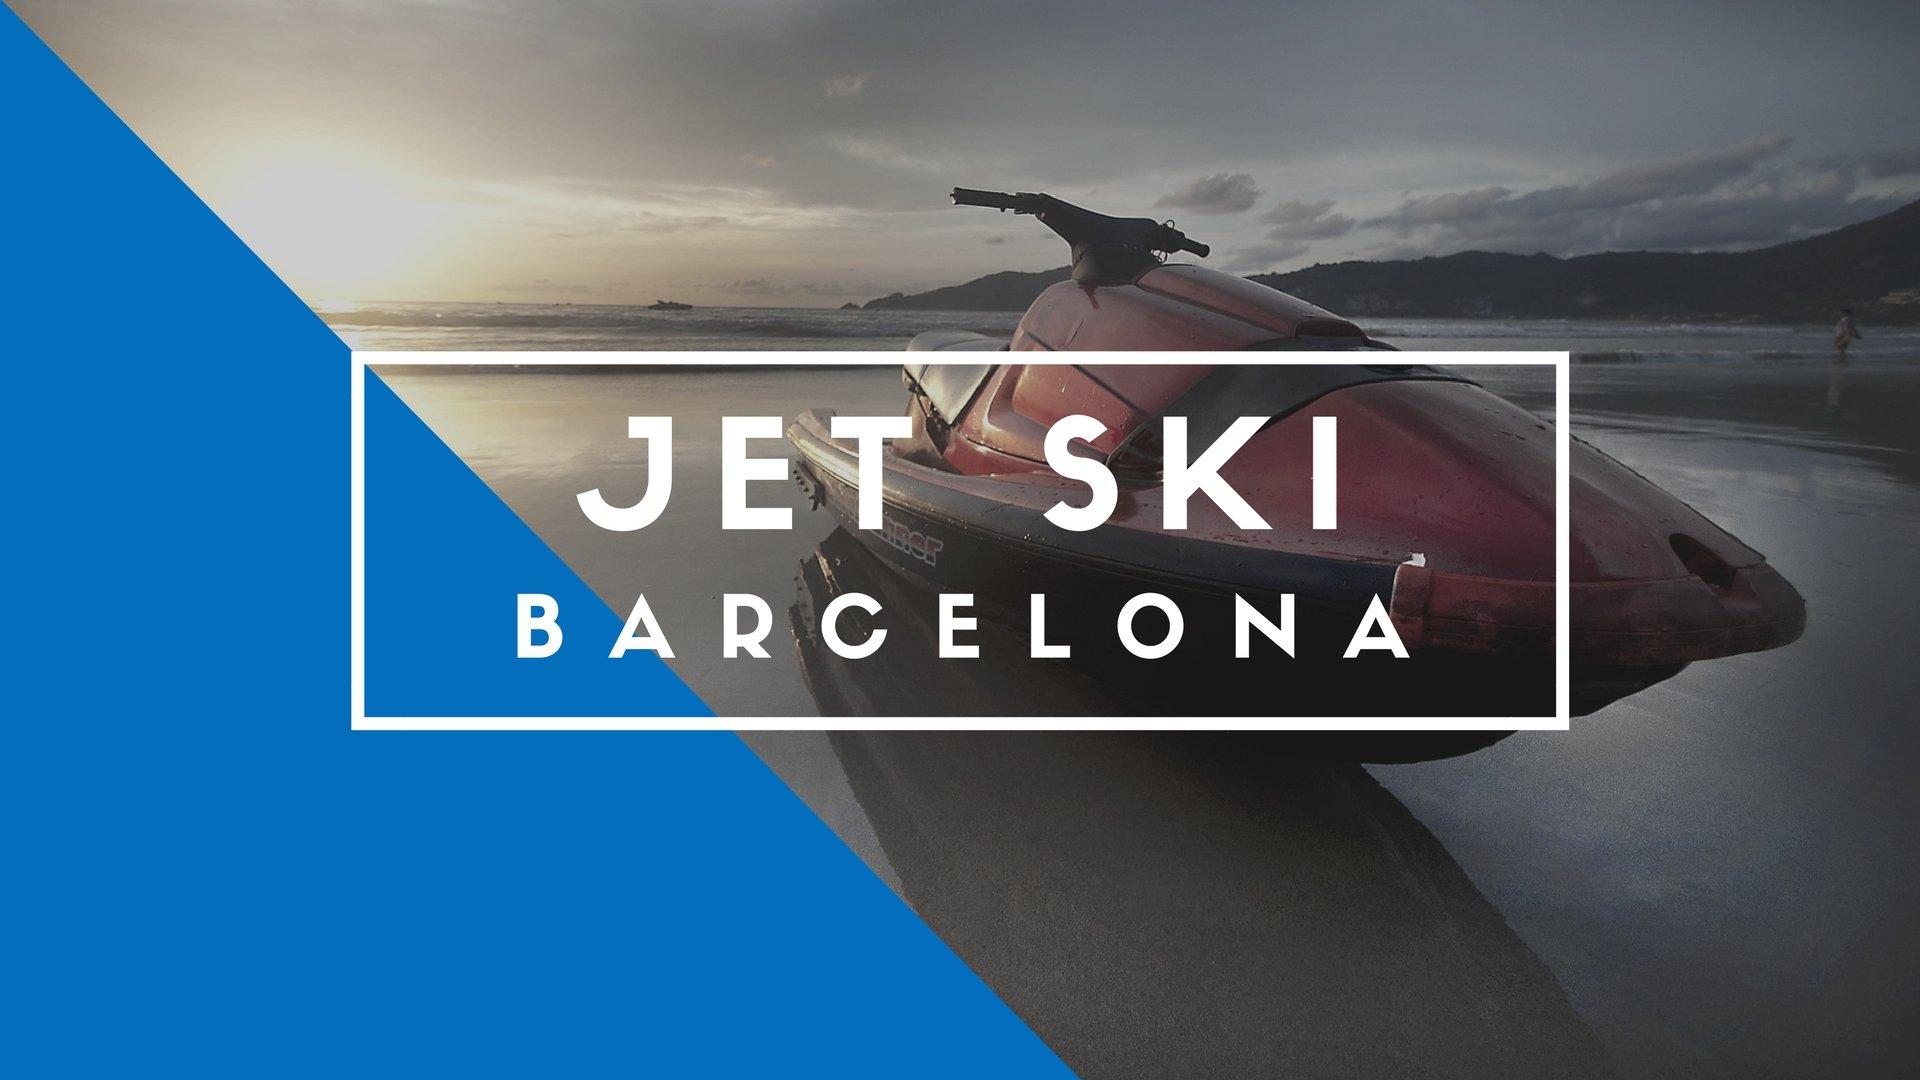 Jet Ski Barcelona